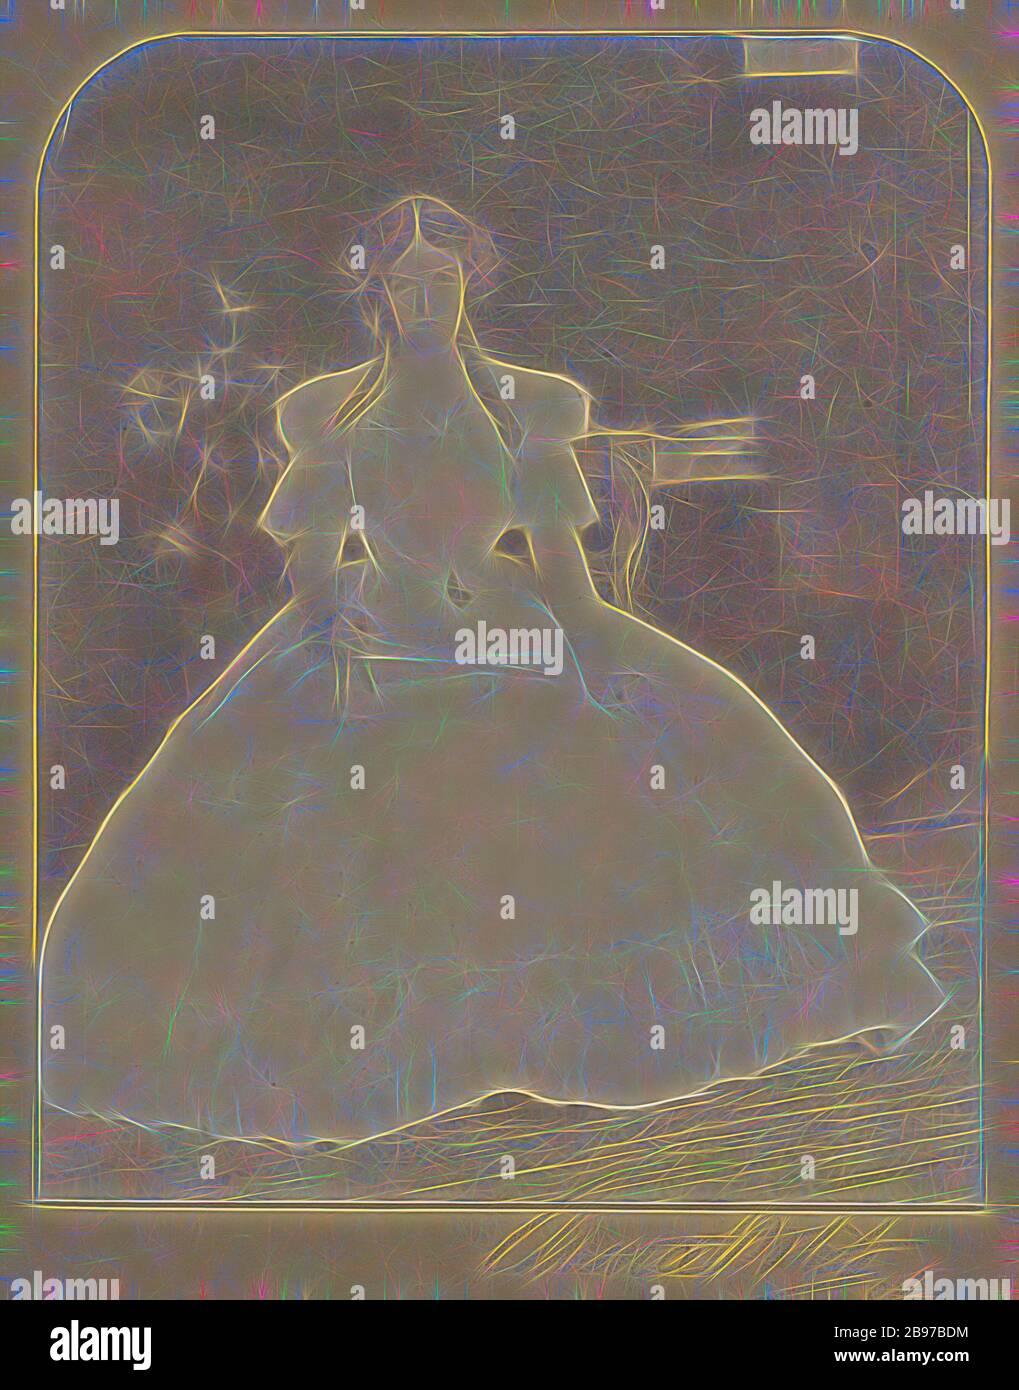 Portrait d'une femme en boucles dans la robe coulante, Clarence H. White (américain, 1871 - 1925), 1904, imprimé platine, 23,3 × 18,9 cm (9 3/16 × 7 7/16 in.), repensé par Gibon, design de glanissement chaleureux et gai de la luminosité et des rayons de lumière radiance. L'art classique réinventé avec une touche moderne. La photographie inspirée du futurisme, qui embrasse l'énergie dynamique de la technologie moderne, du mouvement, de la vitesse et révolutionne la culture. Banque D'Images